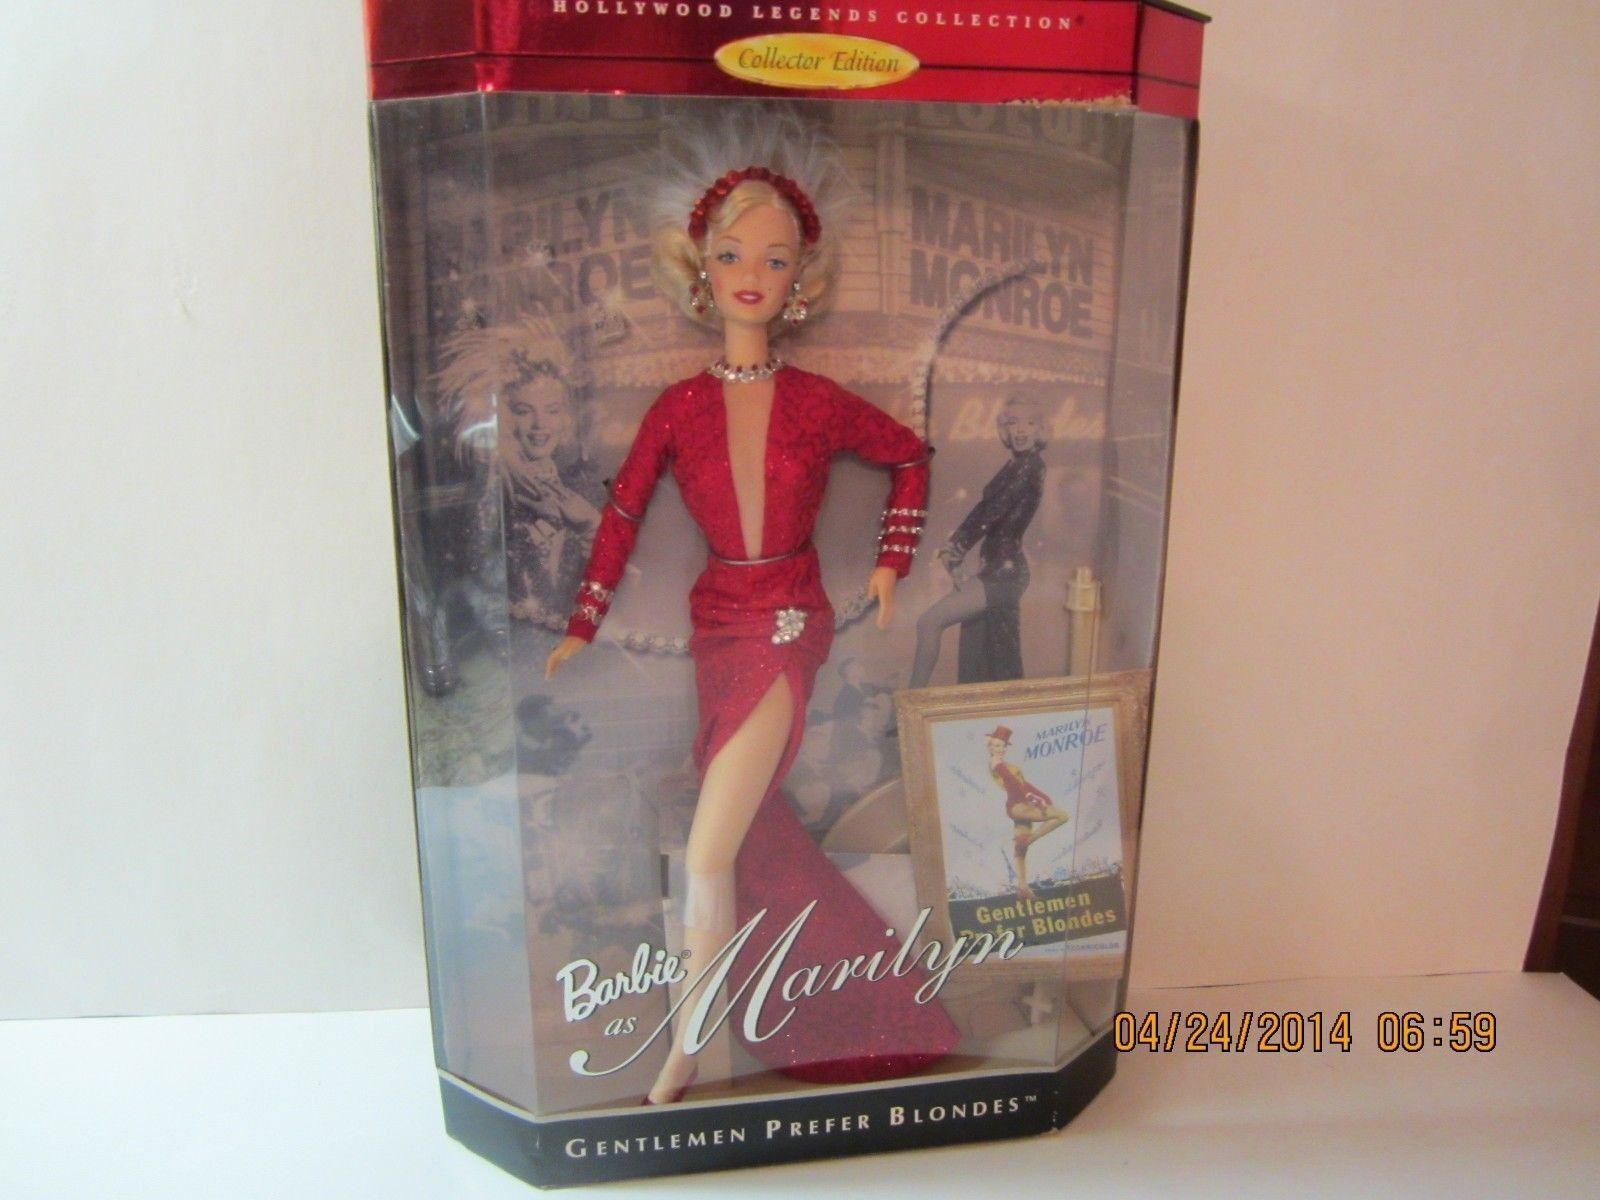 Marilyn Monroe 1997 Barbie  Gentlemen Prefer Blondes  NRFB  17452 Hollywood